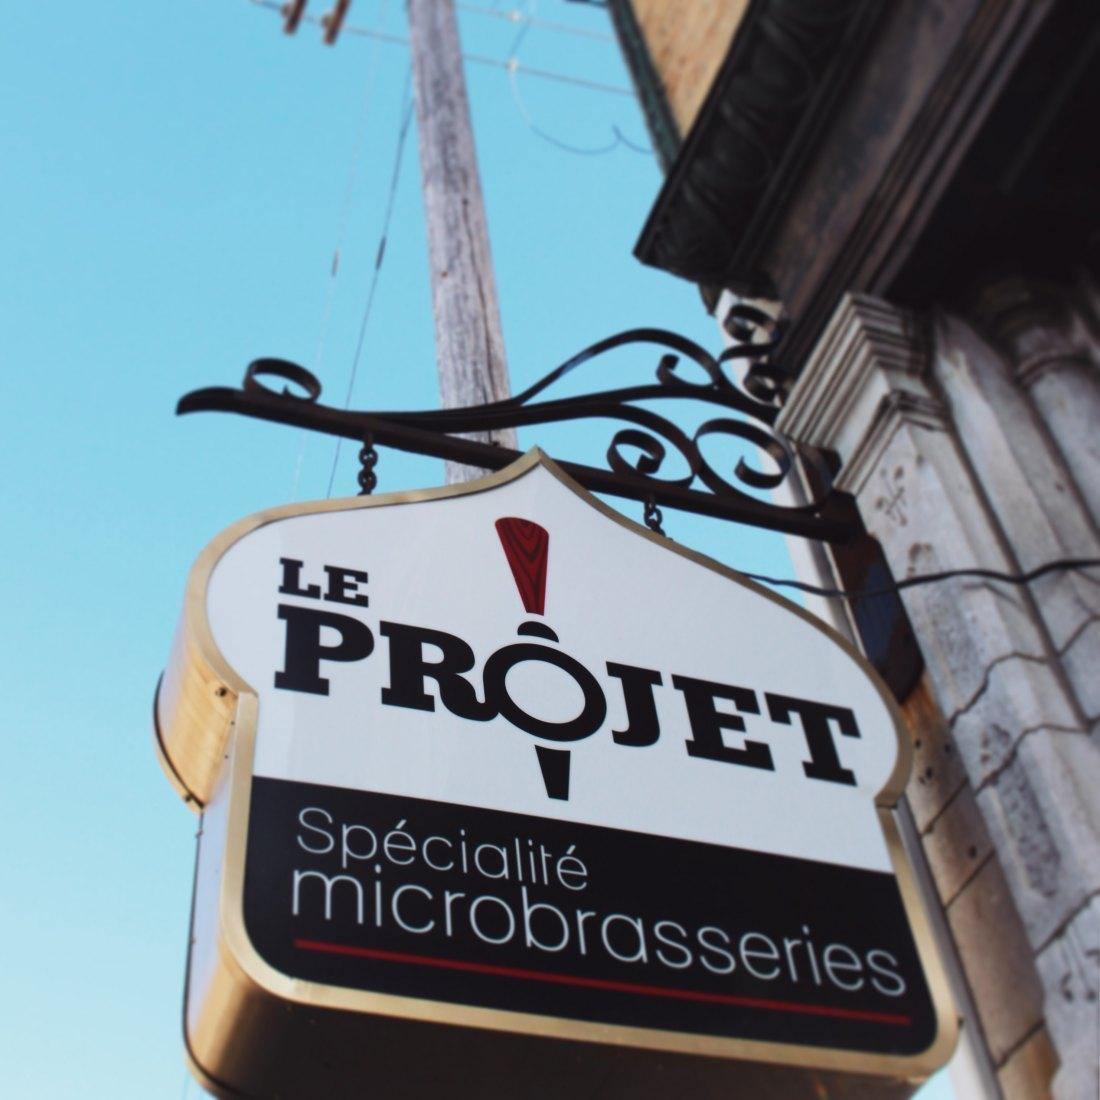 Le Projet, spécialité microbrasseries - Restaurant Cuisine Du Terroir Haute-Ville (St-Jean-Baptiste), Québec